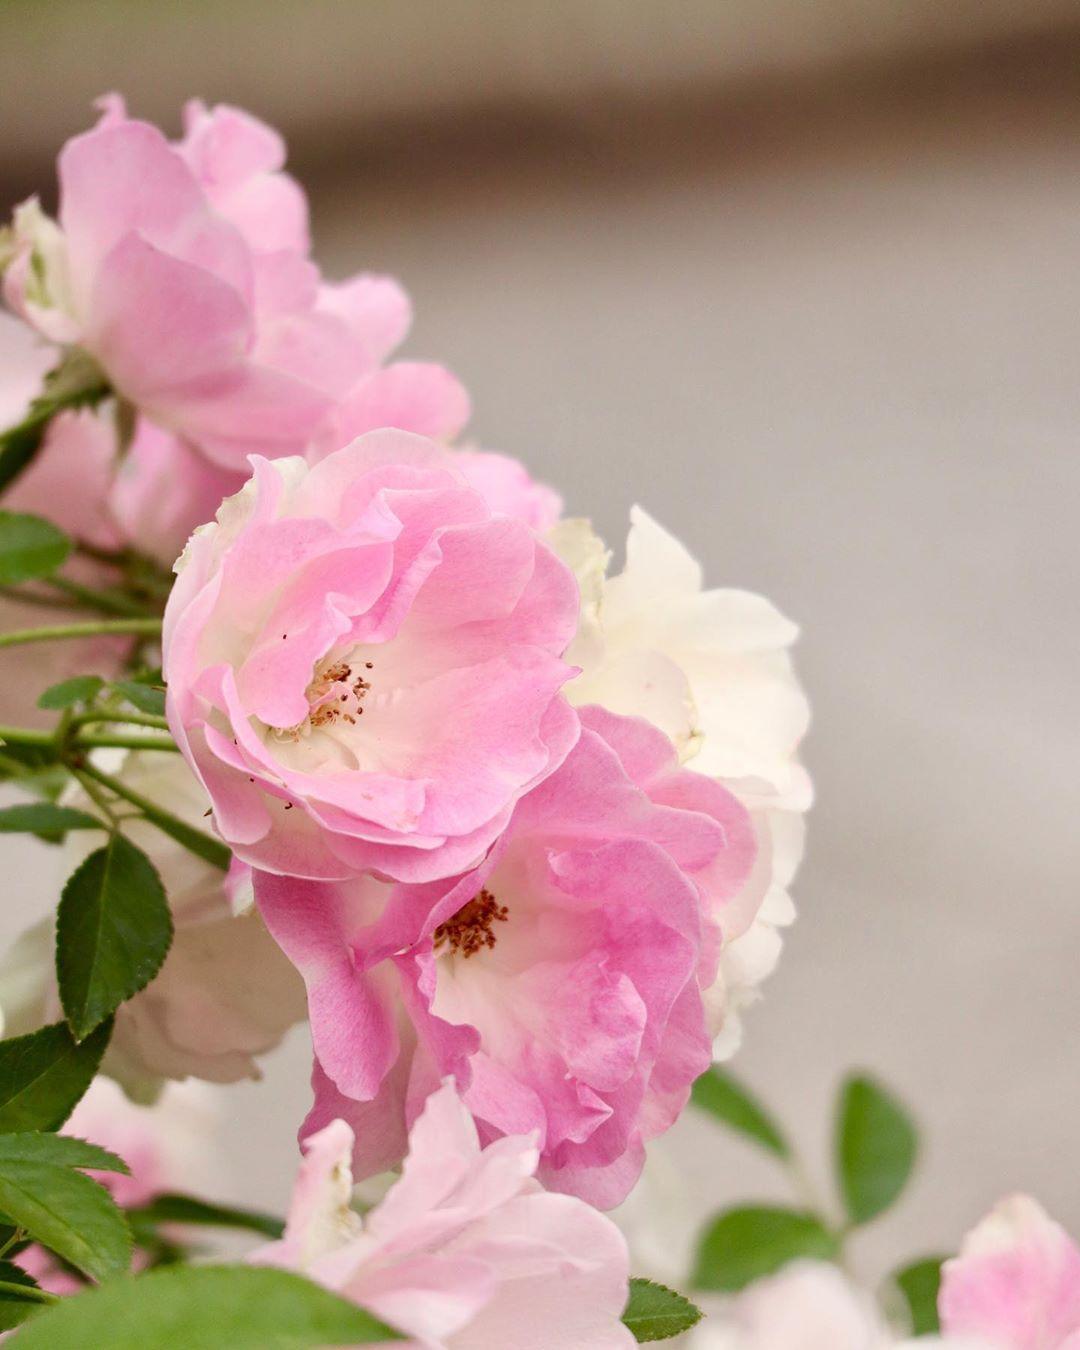 Hk On Instagram 薔薇 花の写真 ボケフォトファン 花いっぱい計画 カメラ女子 Hanamap Flower Special Lovely Flower Wp Flower Fleur Noblesse Team Jp Flo Flowers Plants Rose